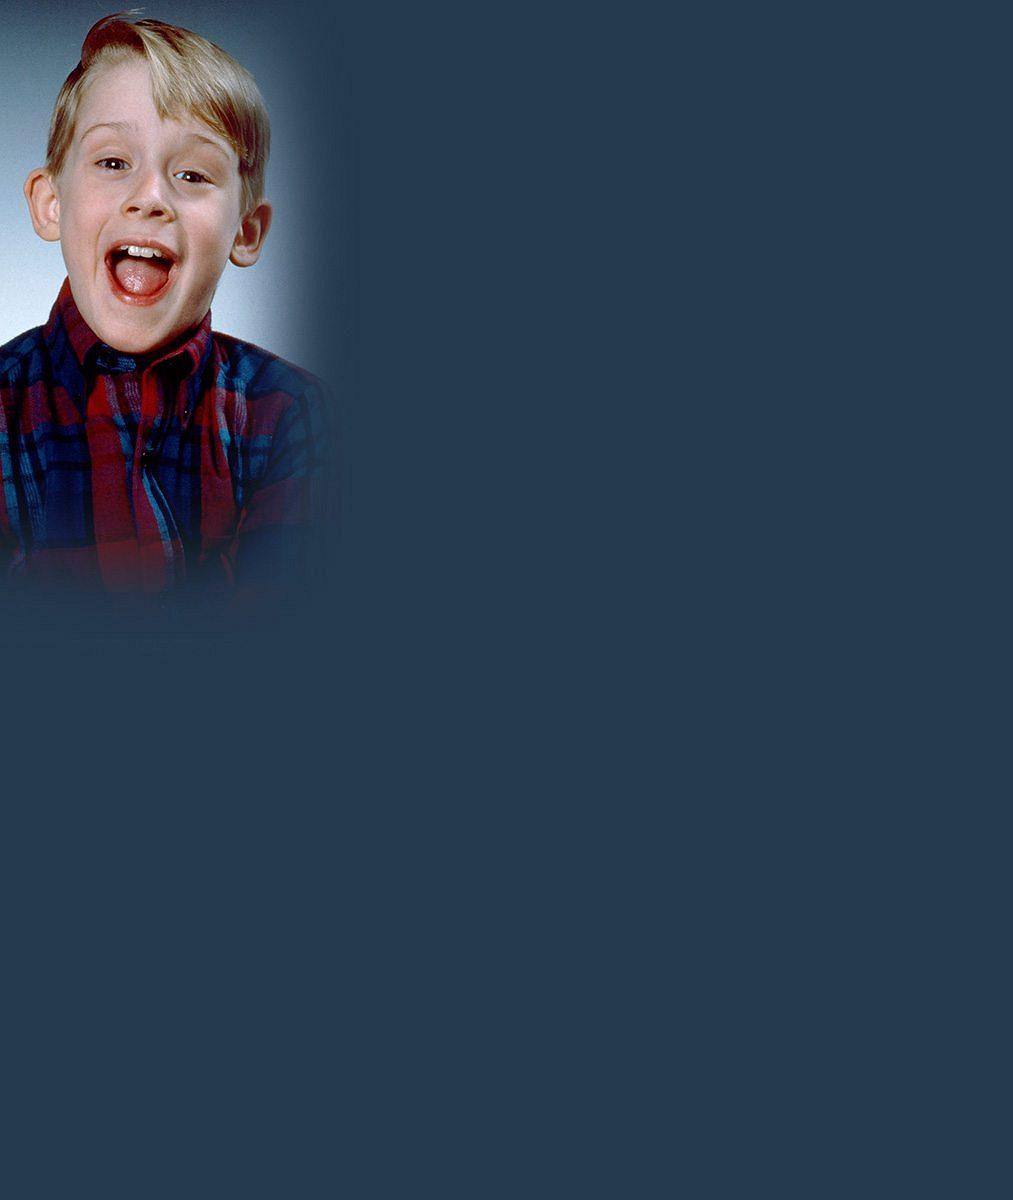 Zženštilá image Kevina ze Sám doma: Podivný drdůlek a červená manikúra